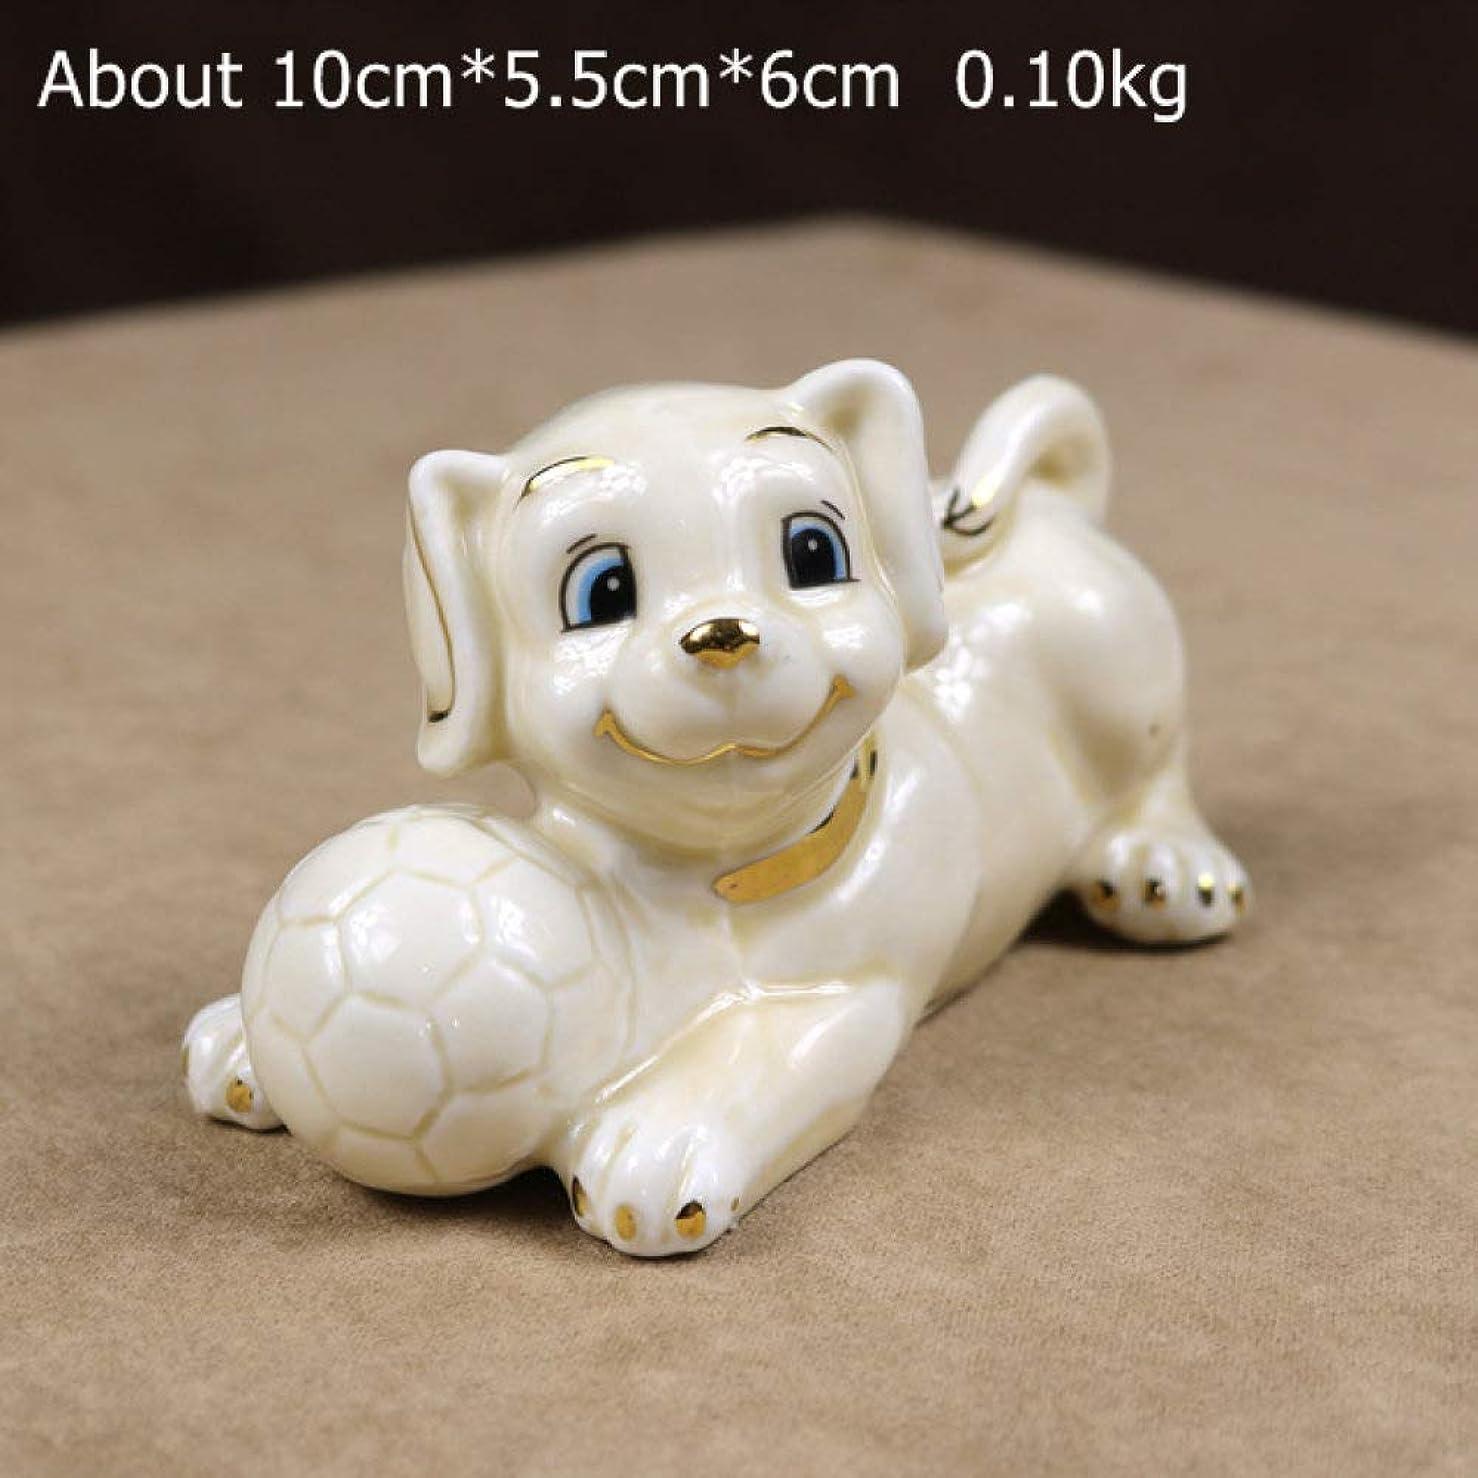 胴体ビザ茎Honana 小物デザイン インテリア 置物 像彫刻置物小像、ベージュいたずらかわいいサッカーの犬のミニチュアセラミック子犬の人形のカップルの家庭動物スポーツデコレーション誕生日プレゼントのクラフト プレゼント